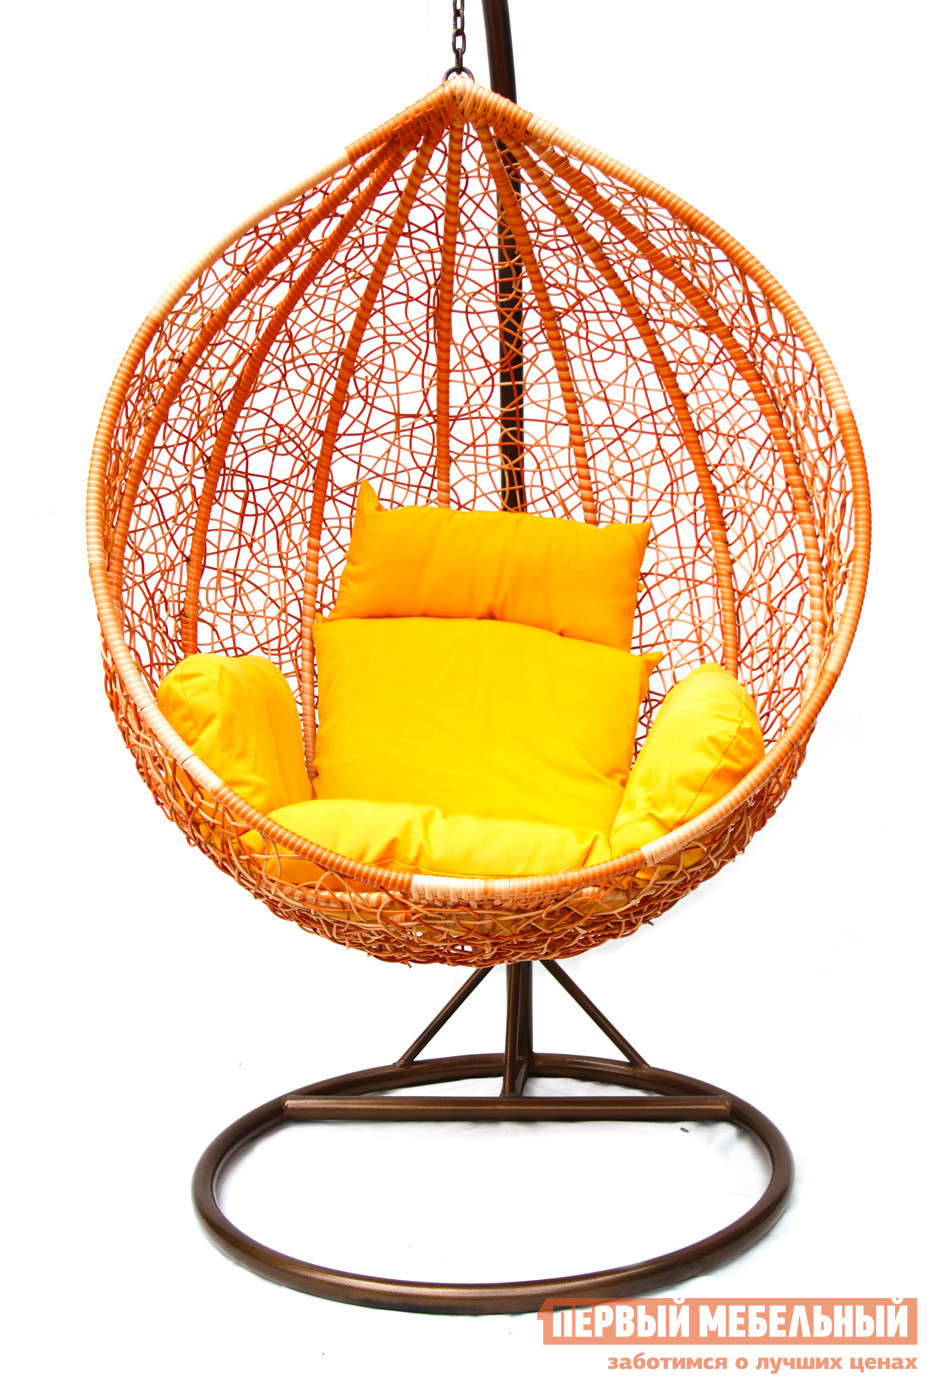 Подвесное кресло Kvimol KM-0001 (рыжий) Рыжий иск. ротанг/Желтая подушка, Большая корзина от Купистол